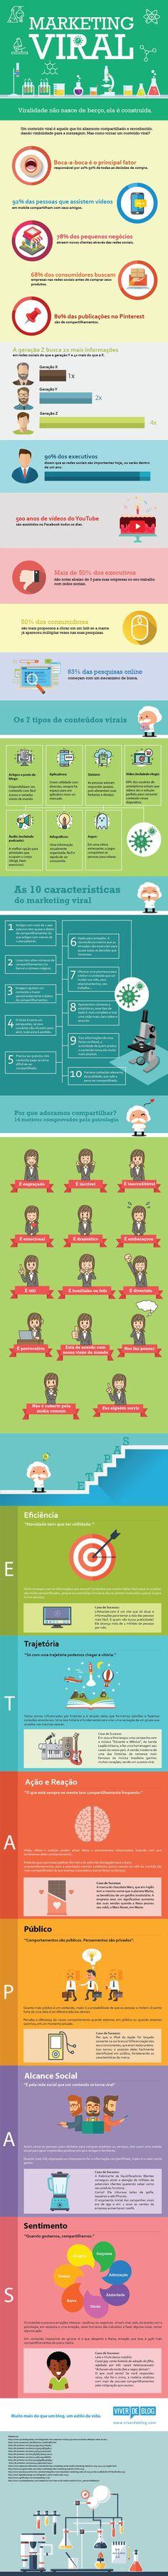 [INFOGRÁFICO] MARKETING VIRAL: COMO PRODUZIR CONTEÚDOS ALTAMENTE CONTAGIOSOS Leia os nossos artigos sobre Marketing Digital no Blog Estratégia Digital em http://www.estrategiadigital.pt/category/marketing-digital/